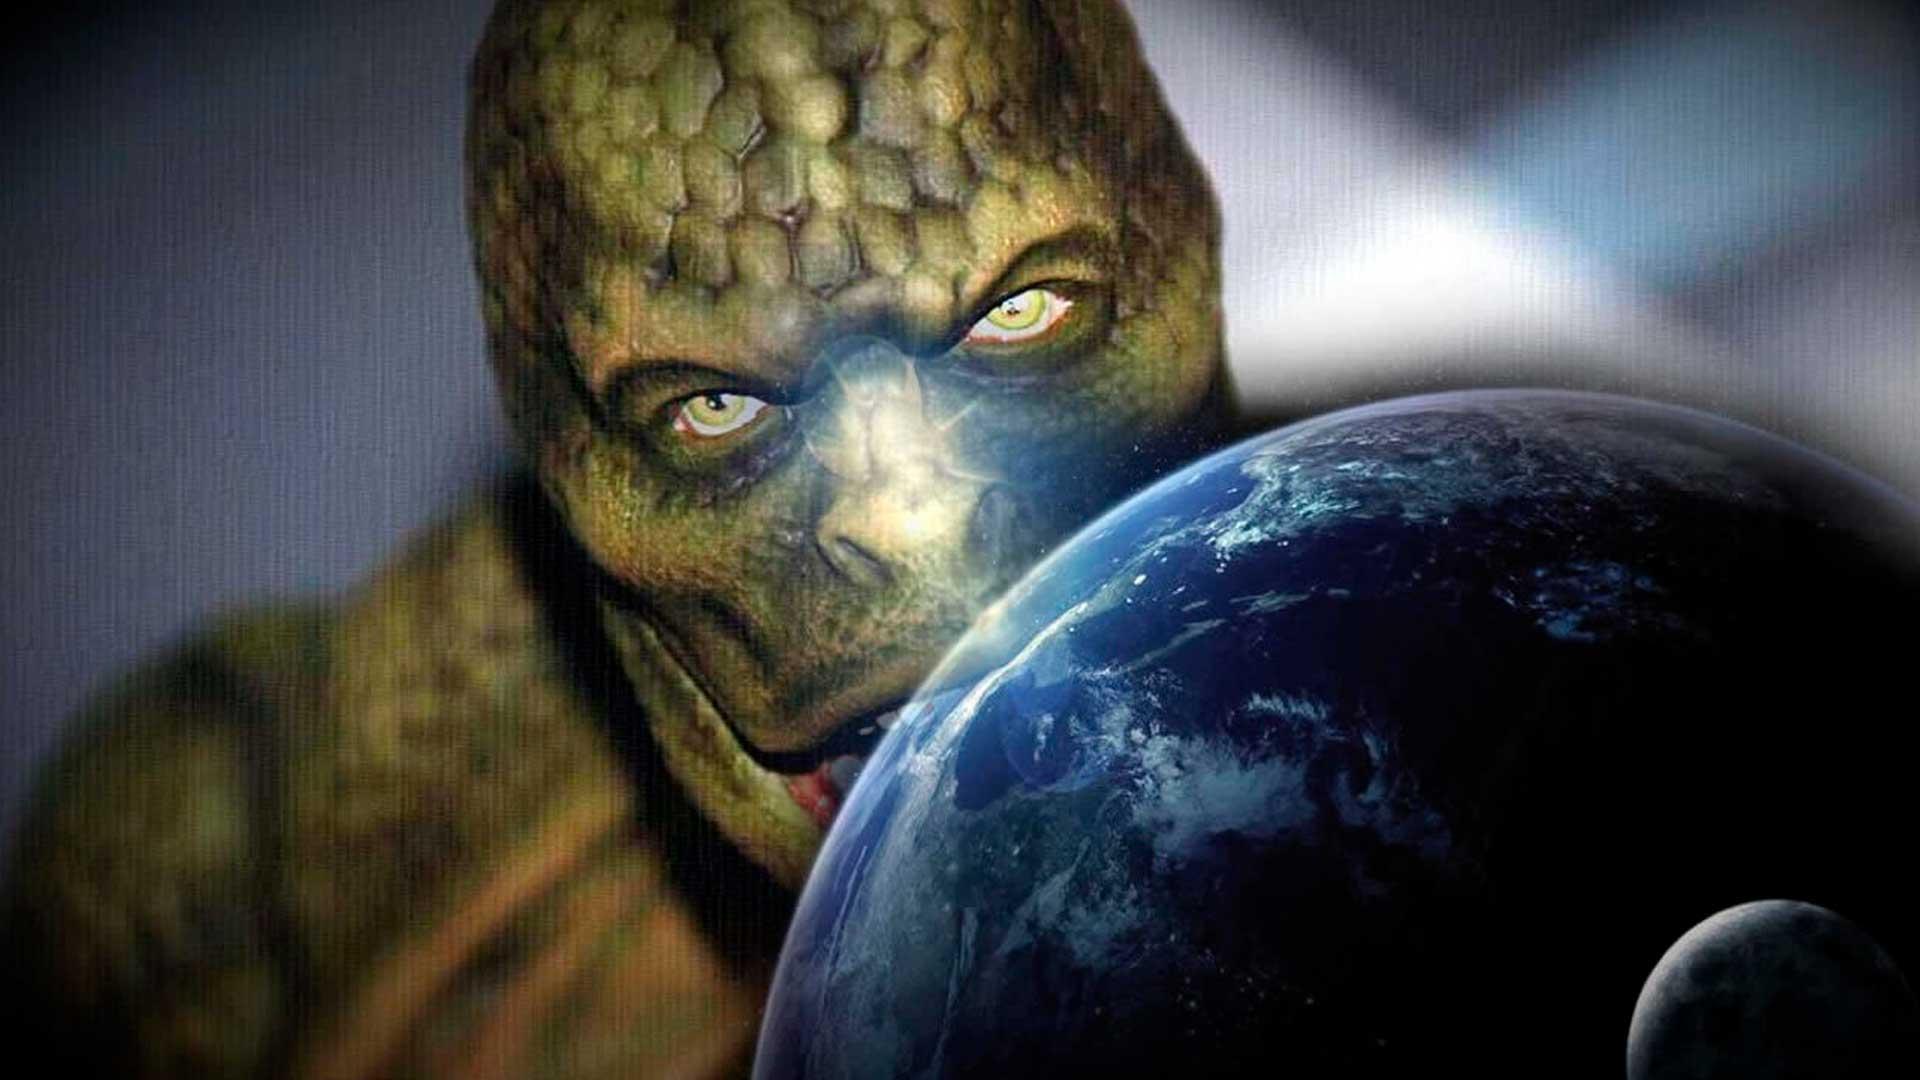 12 millones de estadounidenses están convencidos de que el mundo está gobernado por reptilianos